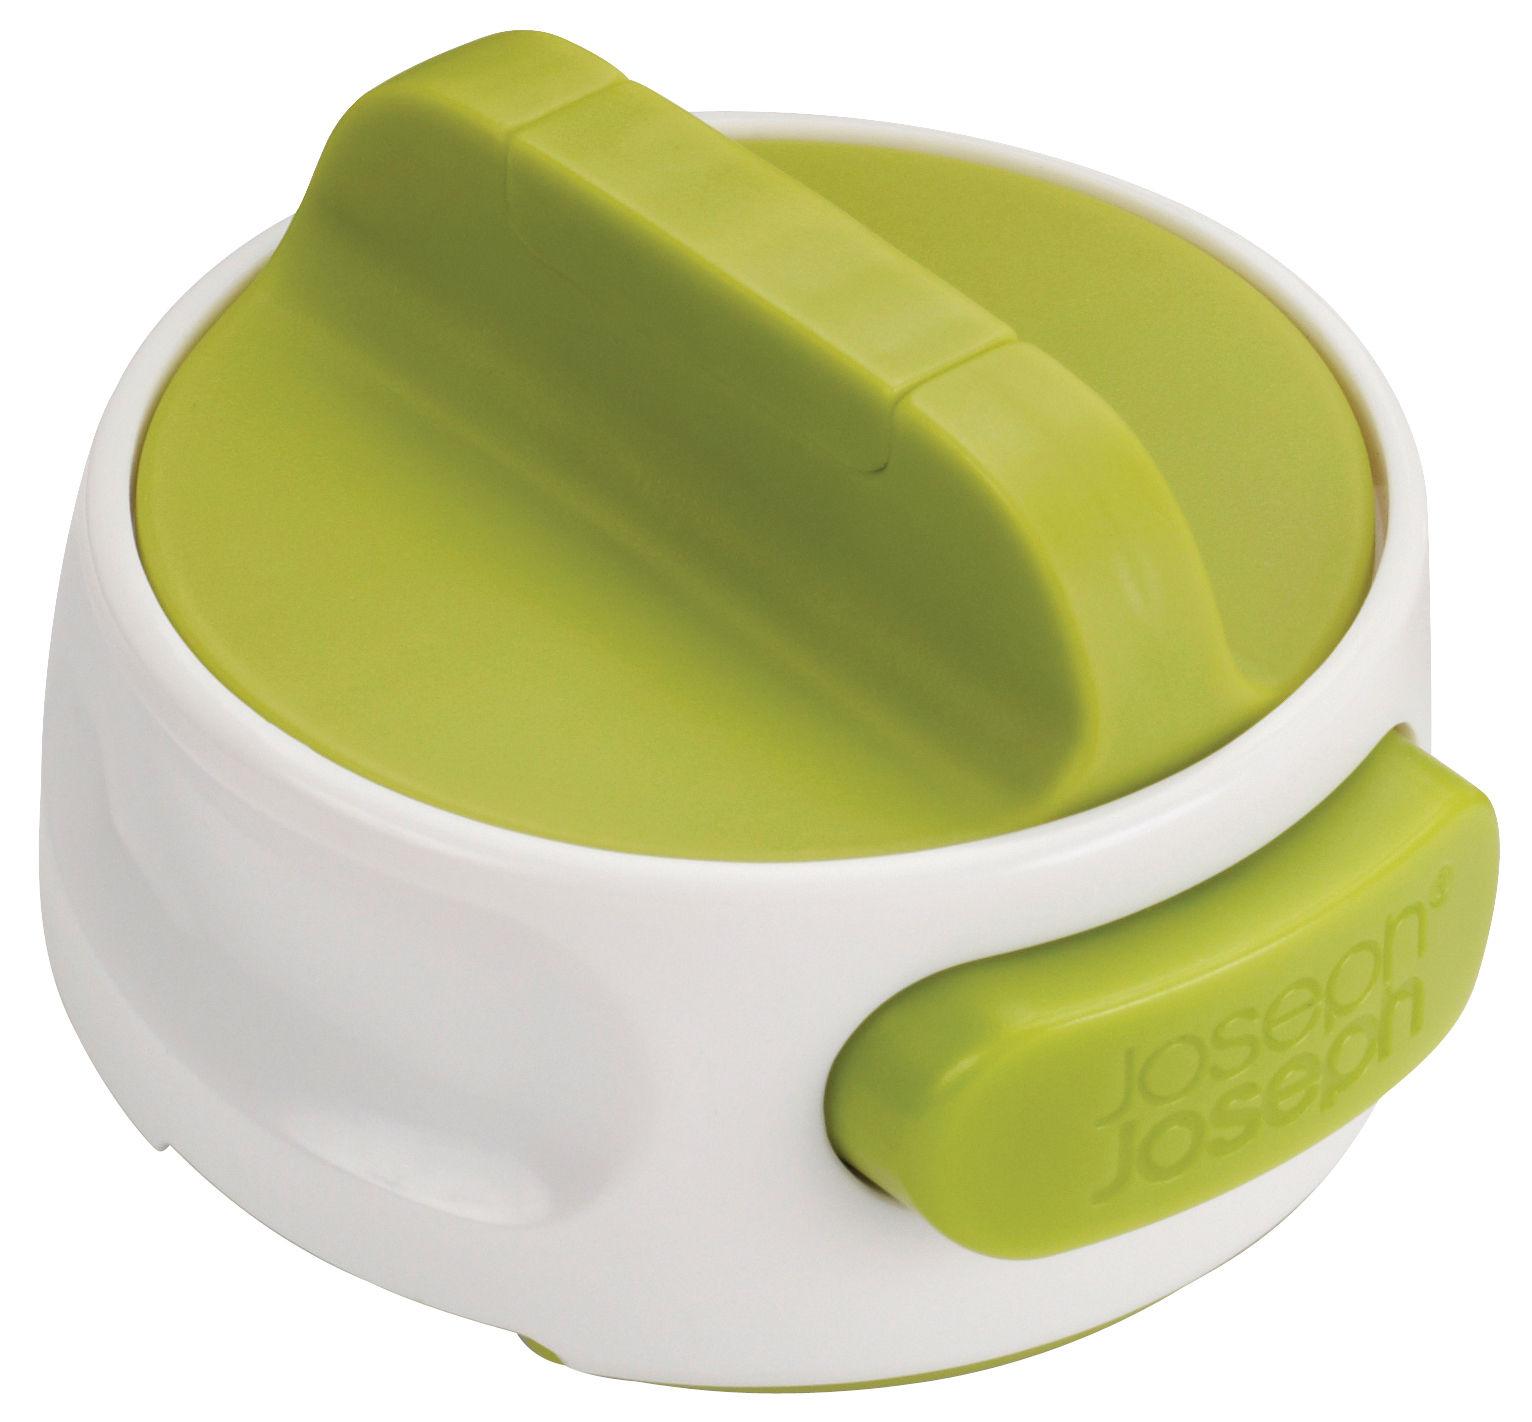 Cucina - Utensili da cucina - Apriscatole Can-Do di Joseph Joseph - Verde & Bianco - ABS, Acciaio inossidabile, Nylon